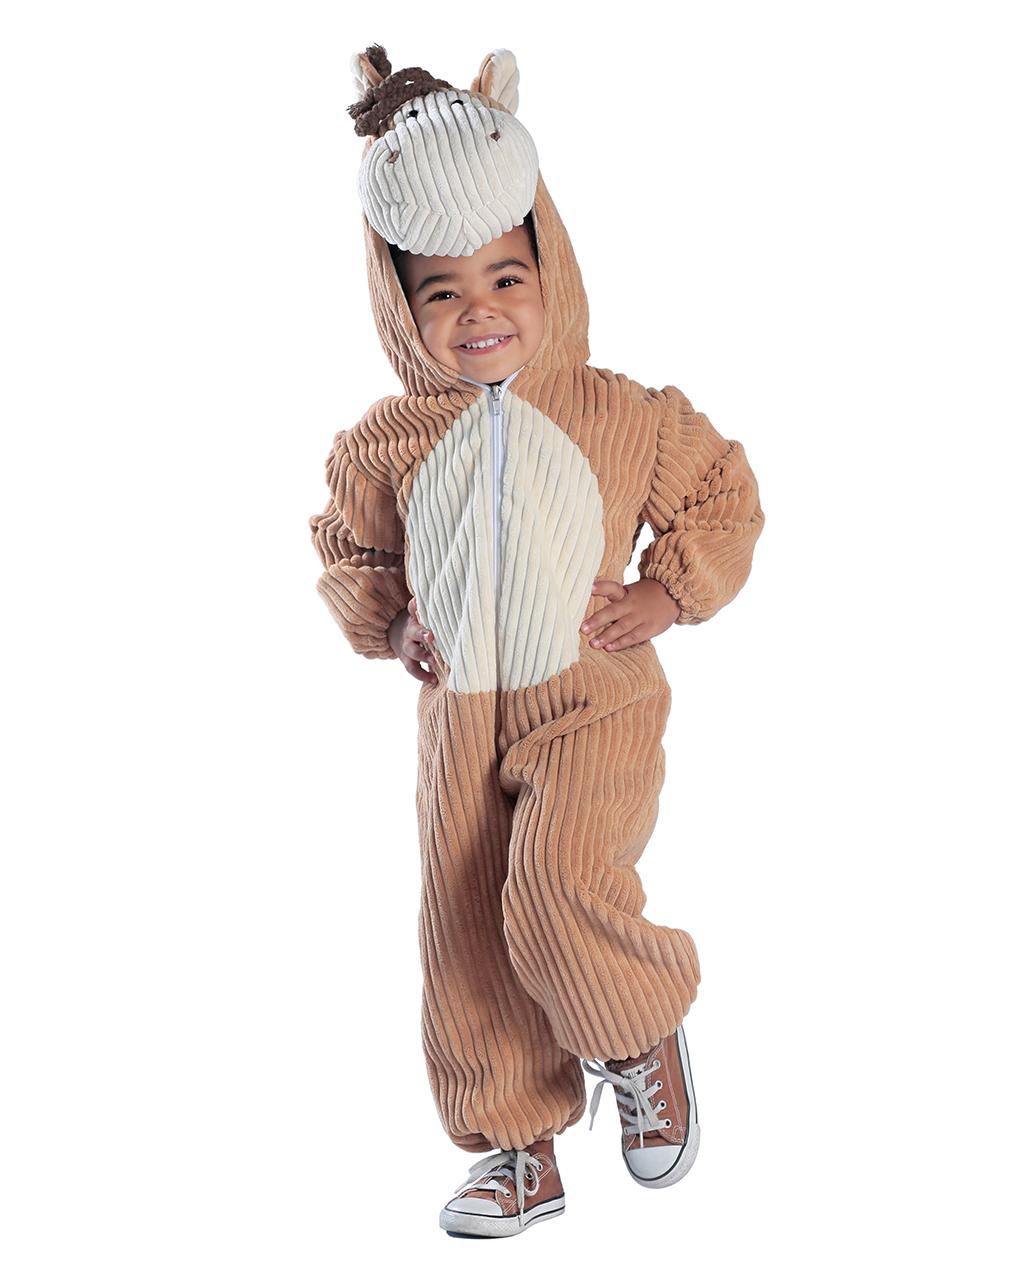 Pferd Kleinkinder Kostümanzug in Cord-Optik 4 Jahre